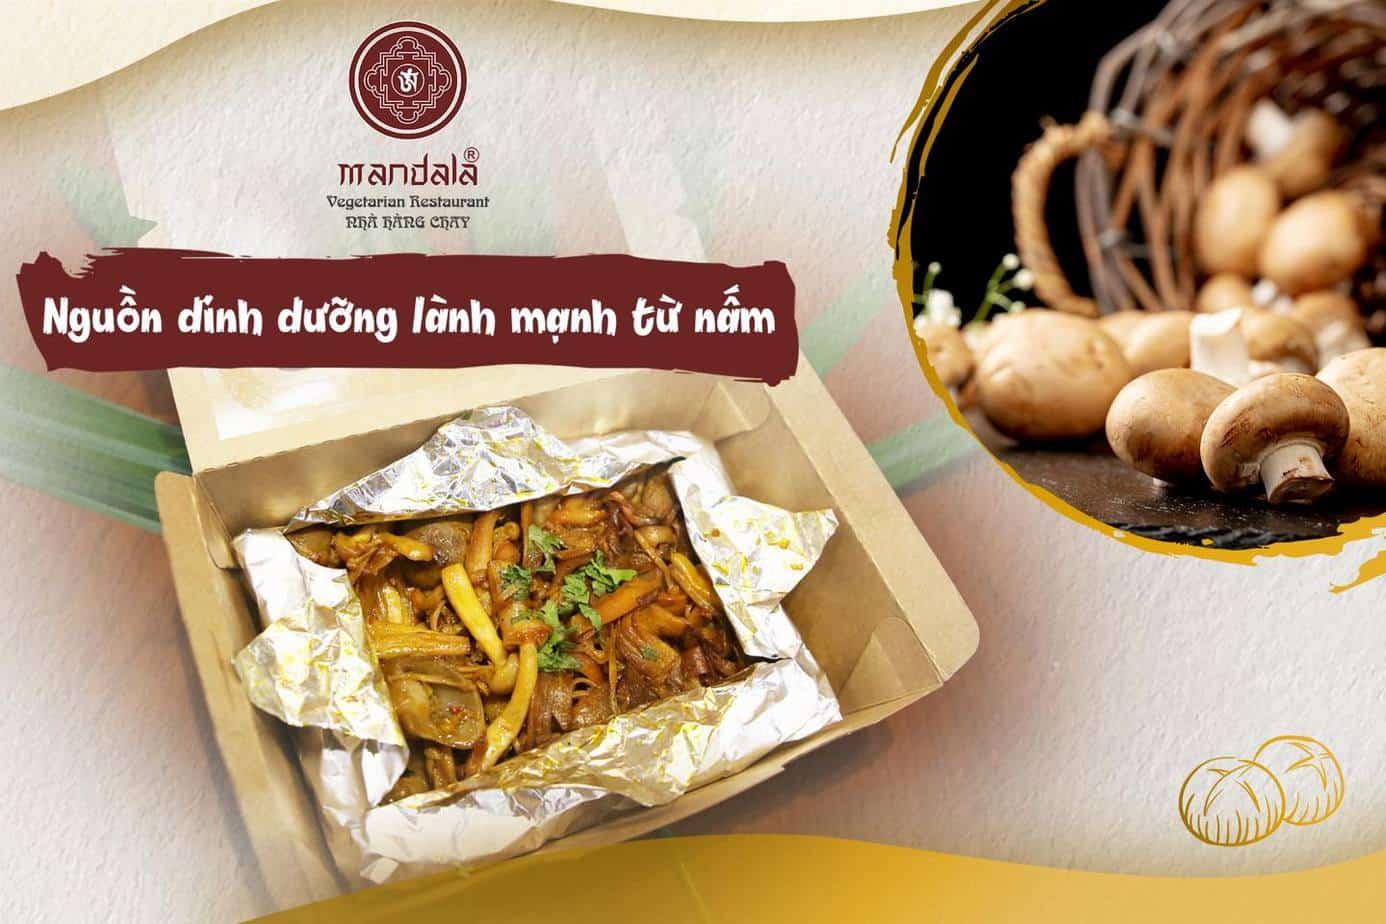 - Review Nhà Hàng Chay Chay Mandala